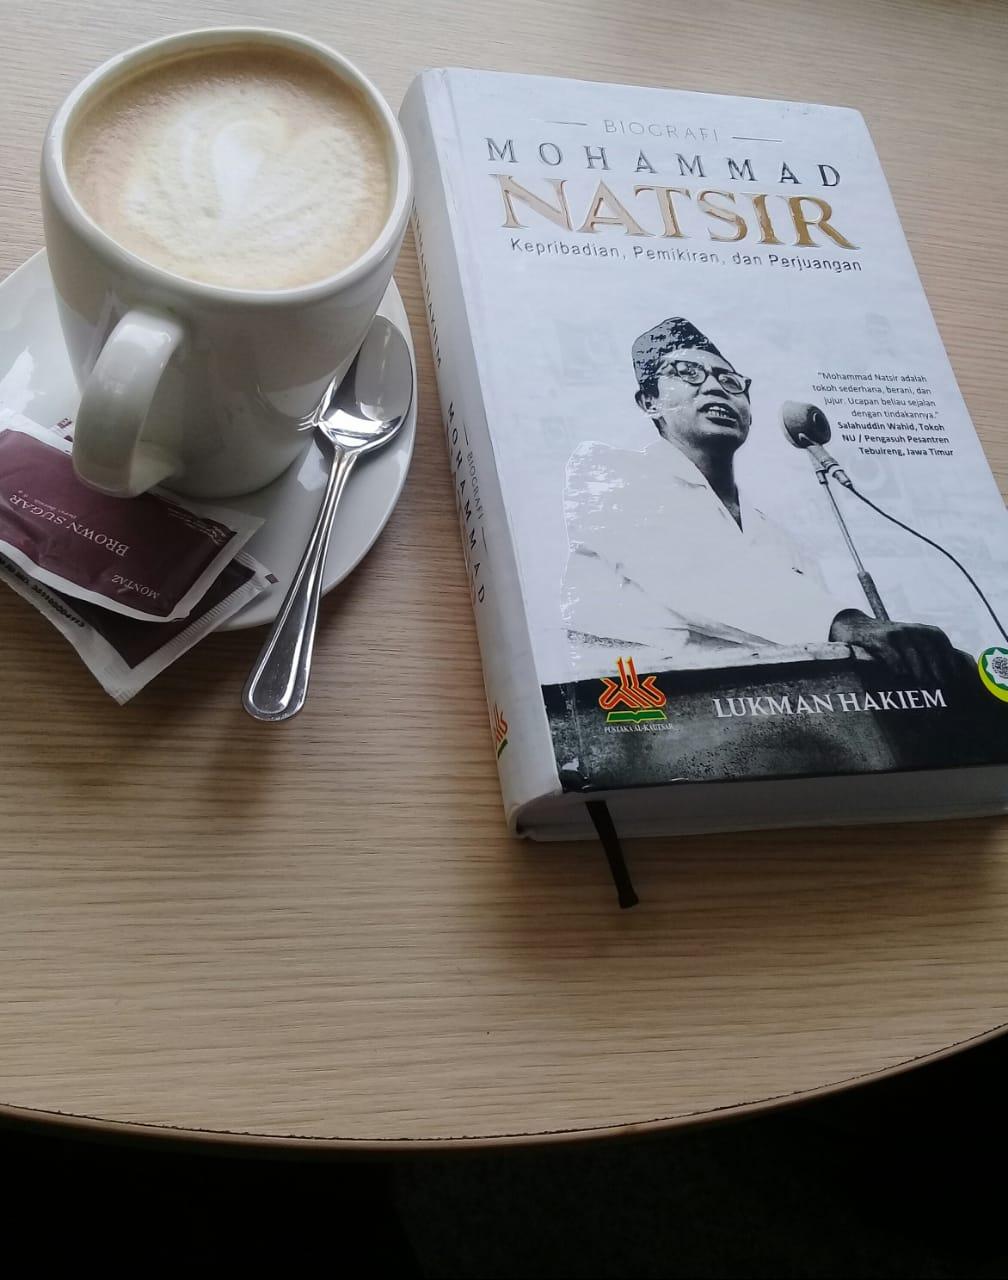 """HAYAT JUANGMU INSPIRASI DA'WAH KAMI (Apresiasi Generasi Anak Bawang Atas Terbitnya Buku """"Biografi Mohammad Natsir"""")"""